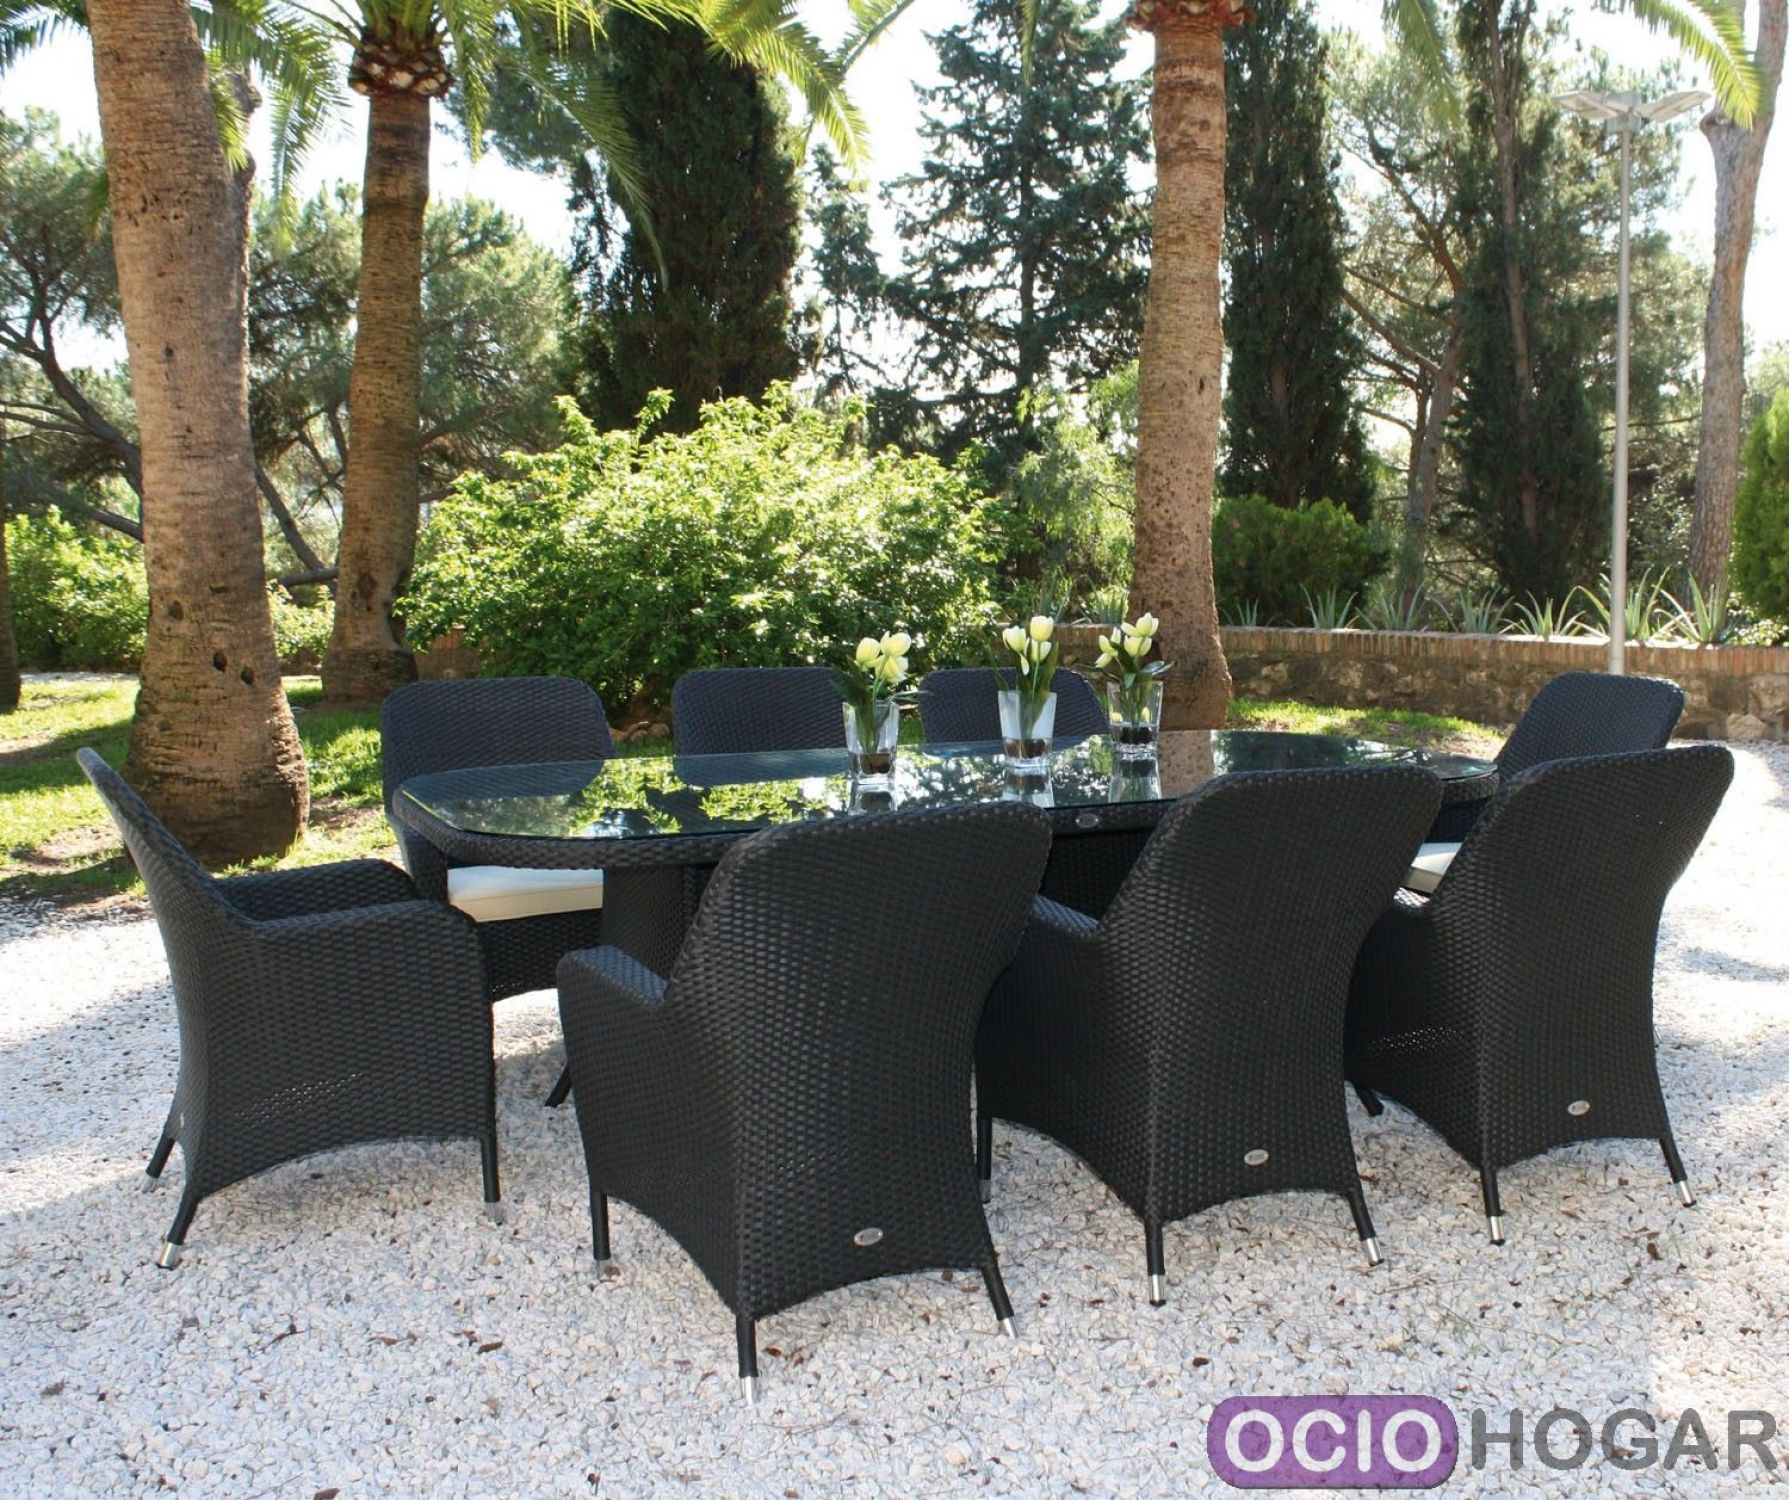 Mesa y sillas de jard n ocean majestic garden for Sillas jardin